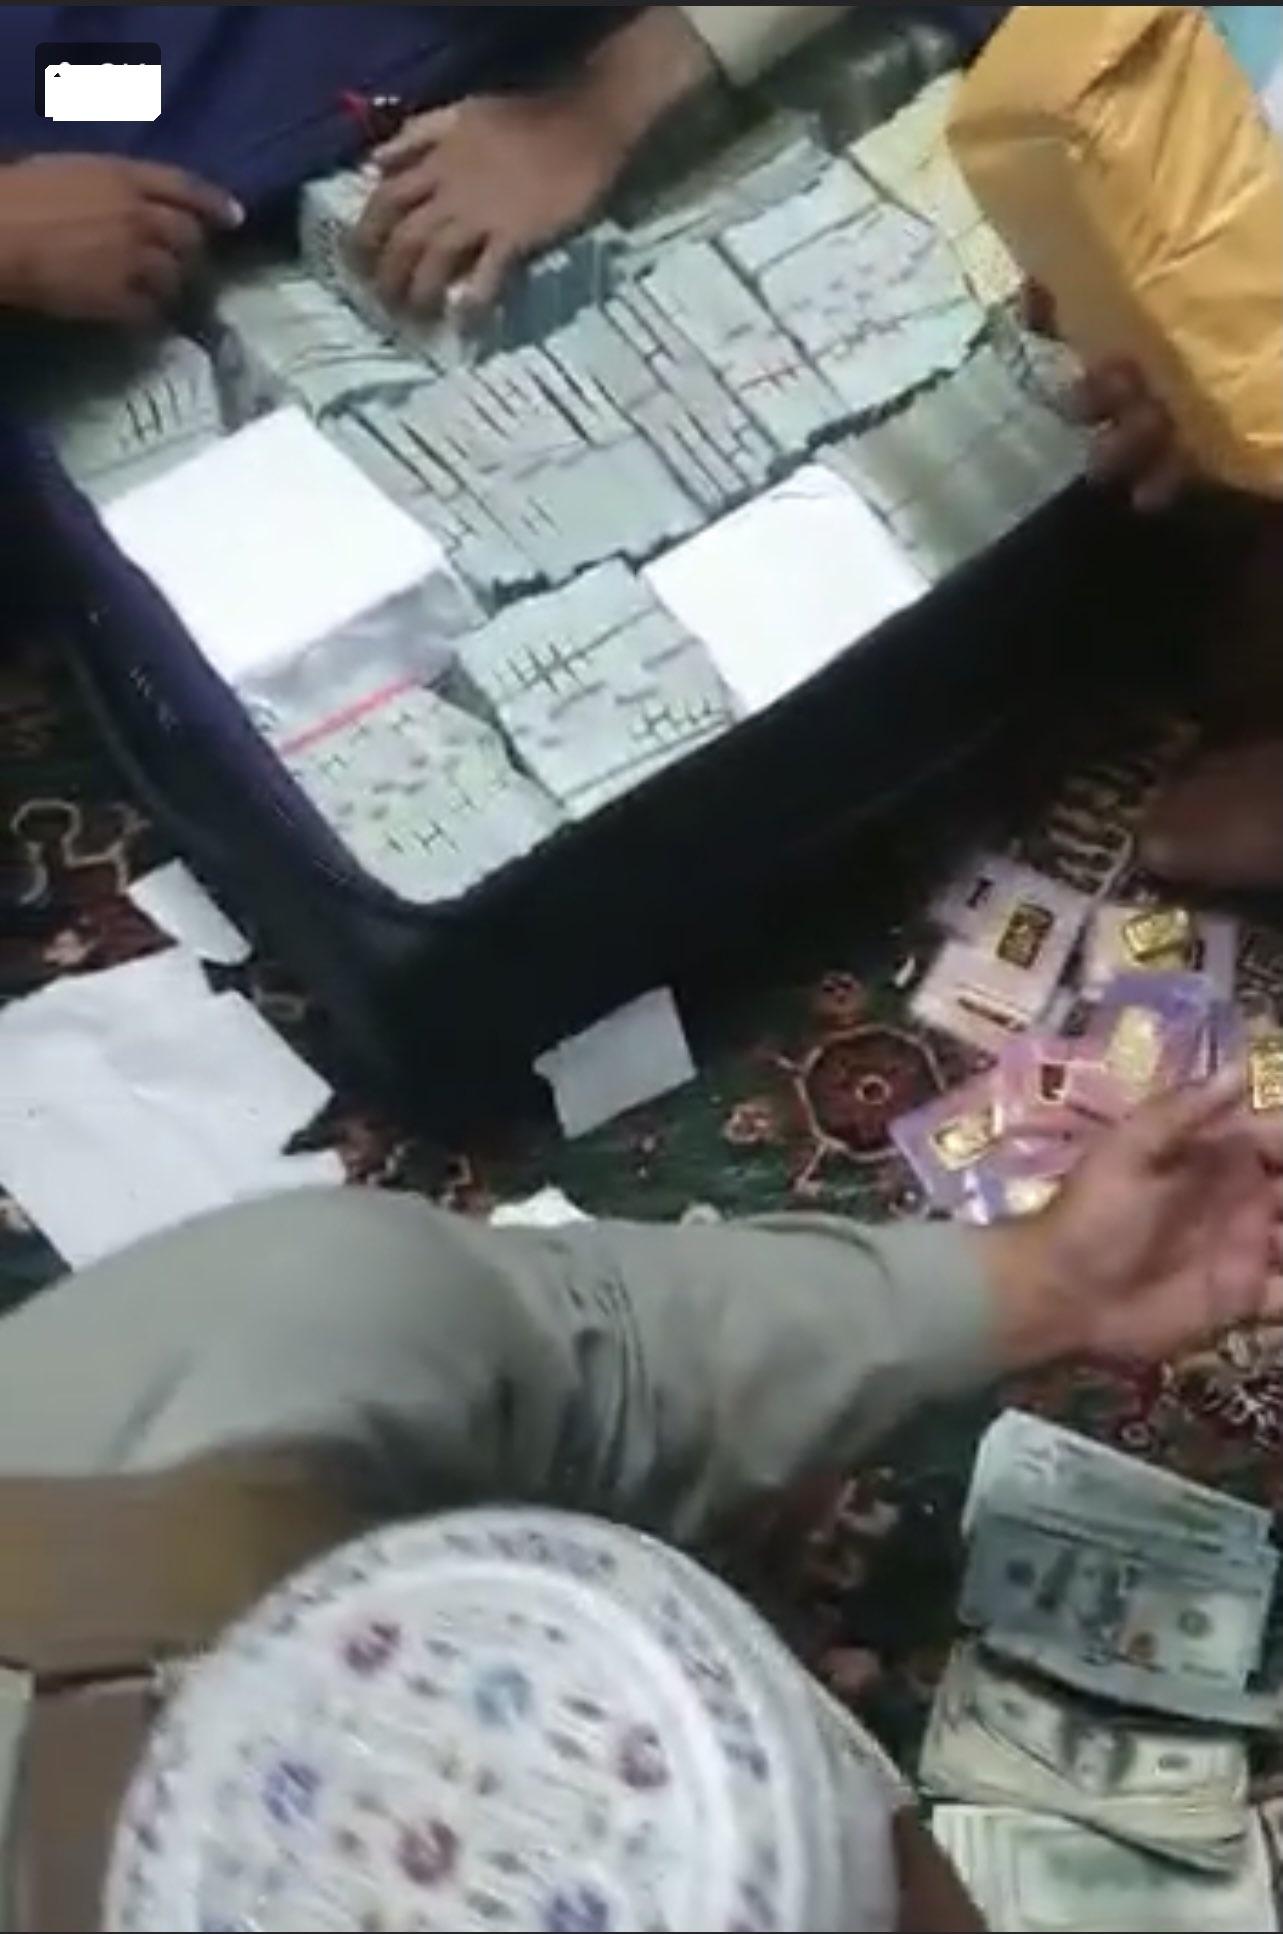 तालिबान का दावा- सालेह के घर से 60 लाख डॉलर और 15 किलो सोना जब्त